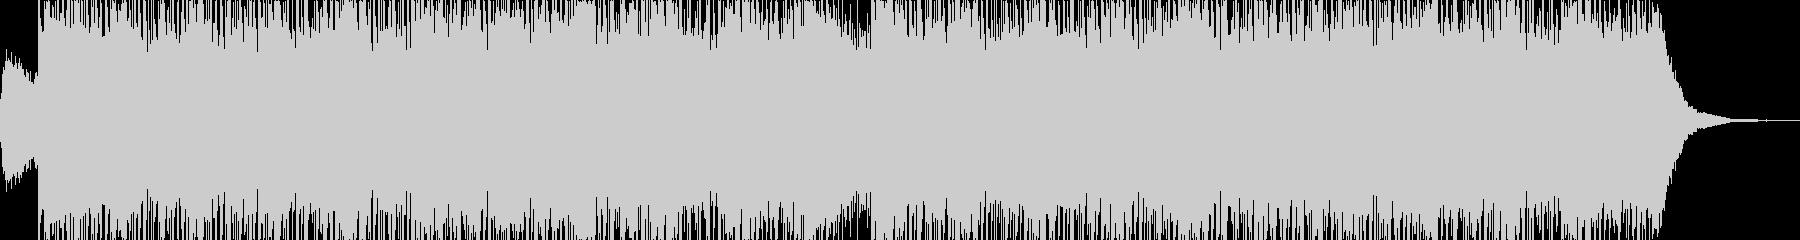 シタールの旋律ピラミッドステージの未再生の波形